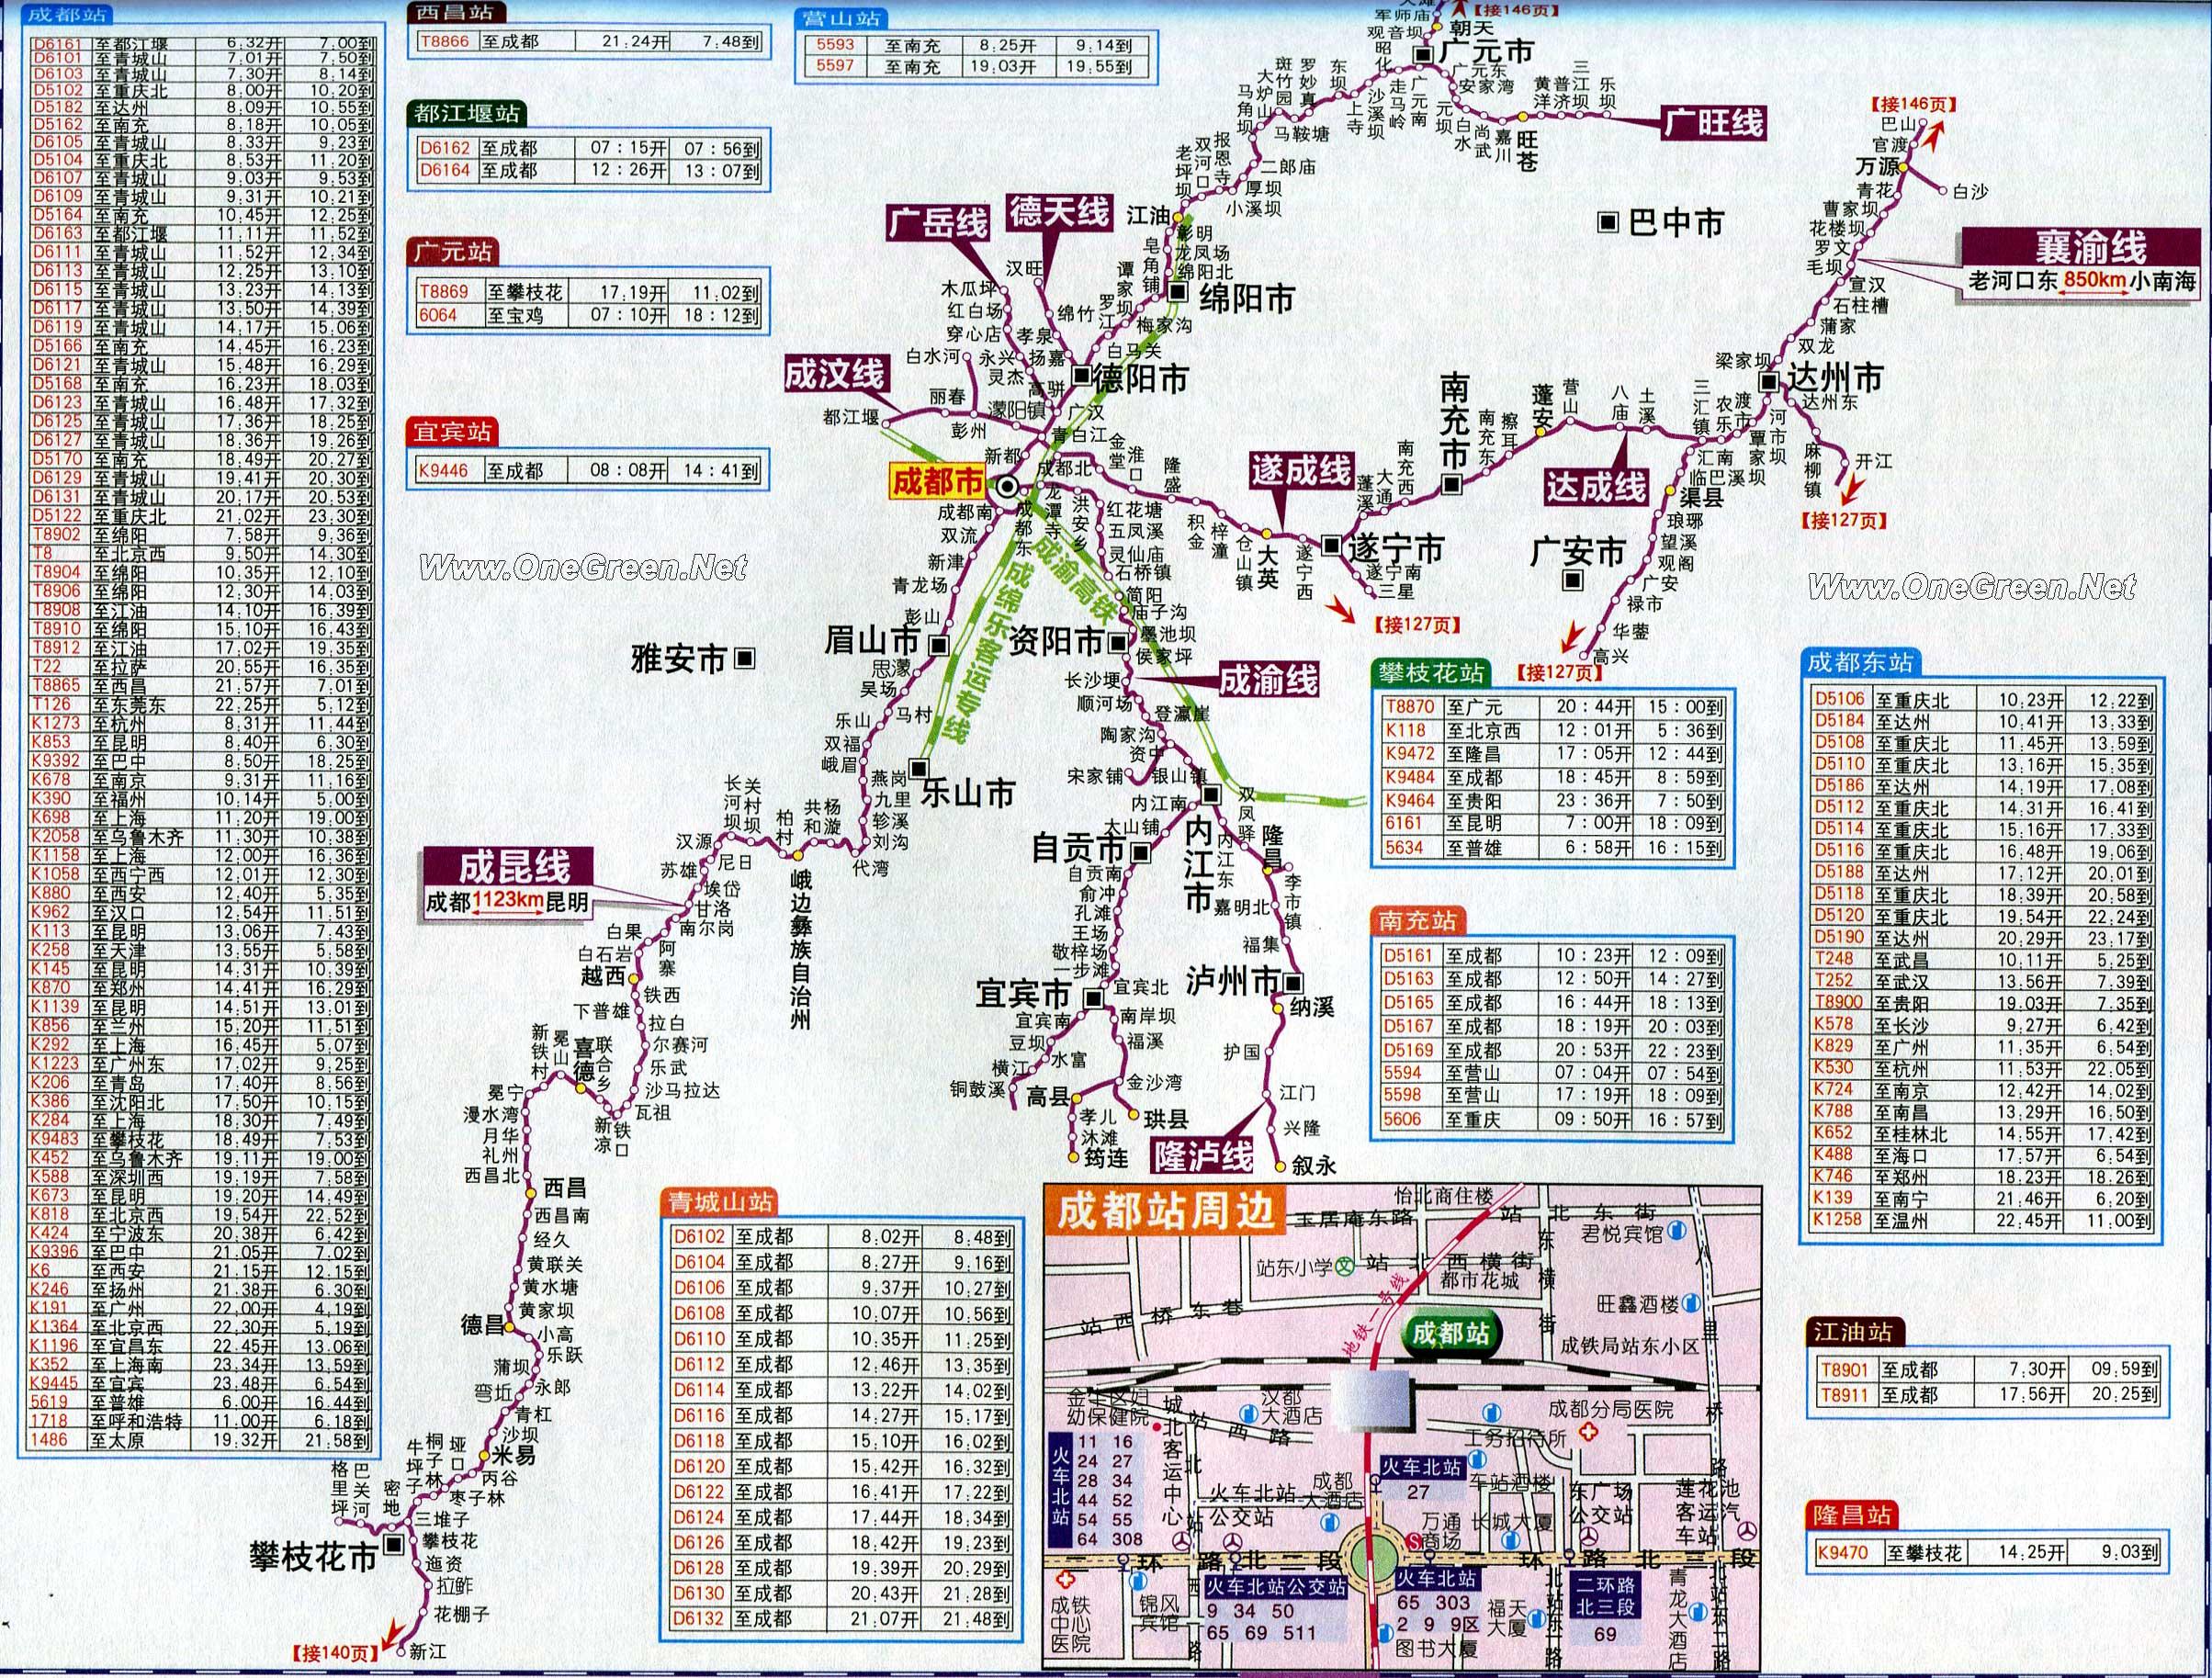 航空线路图  港口分布图  交通标志  里程表 上一张地图: 重庆市铁路